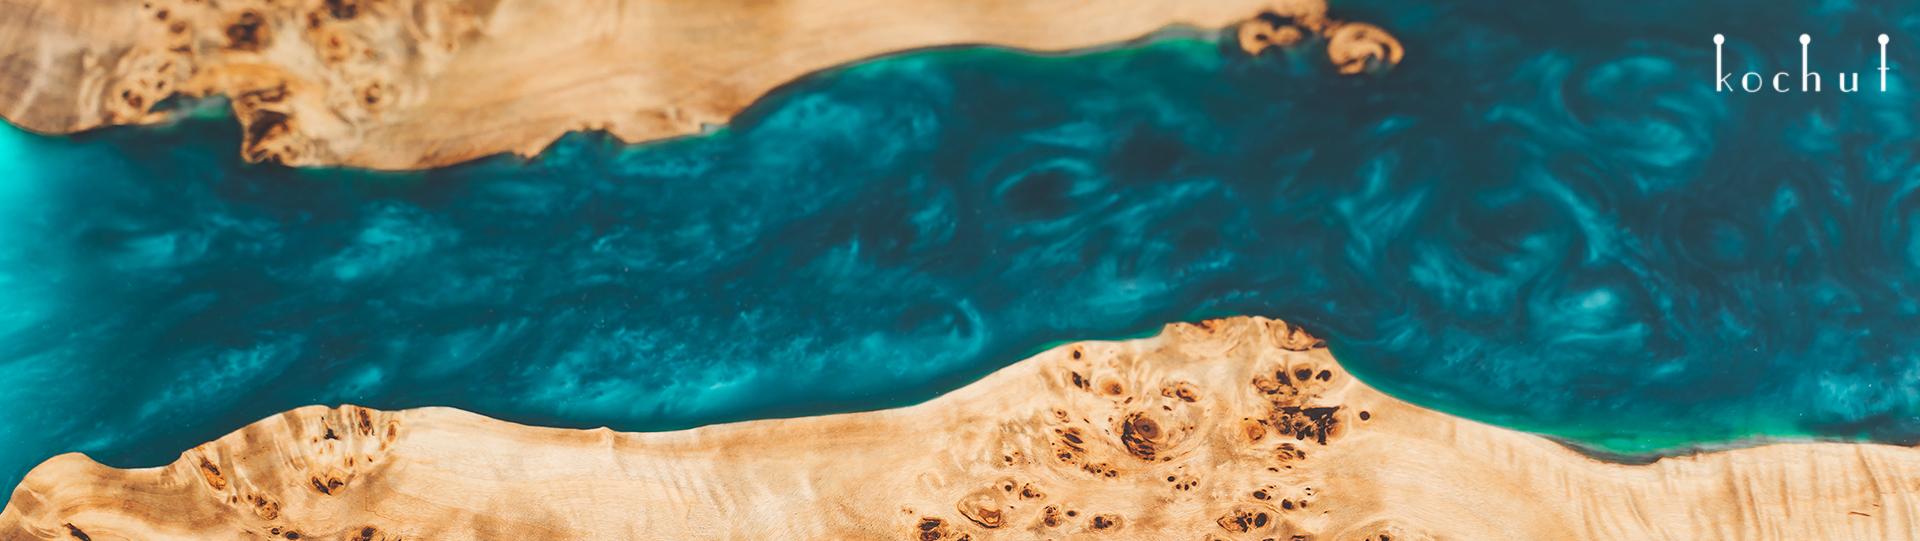 Стіл-ріка з епоксидною смолою — витвір мистецтва XXI століття